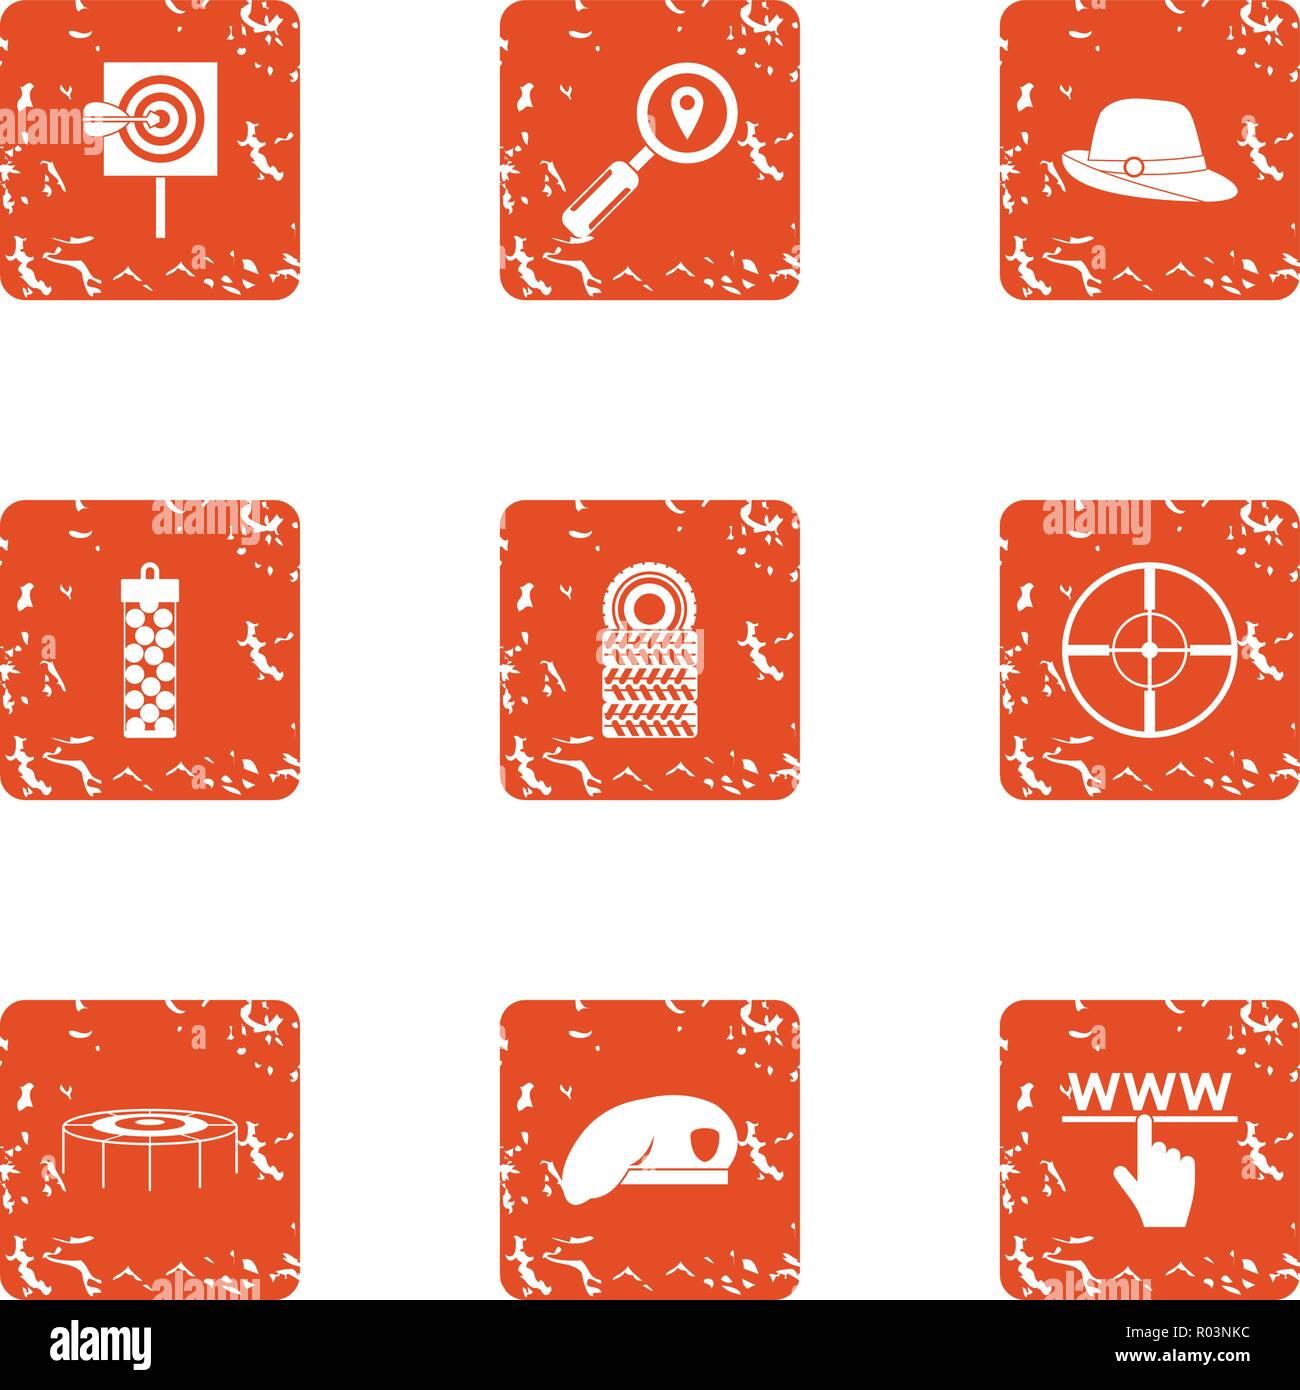 Sighting company icons set, grunge style - Stock Image